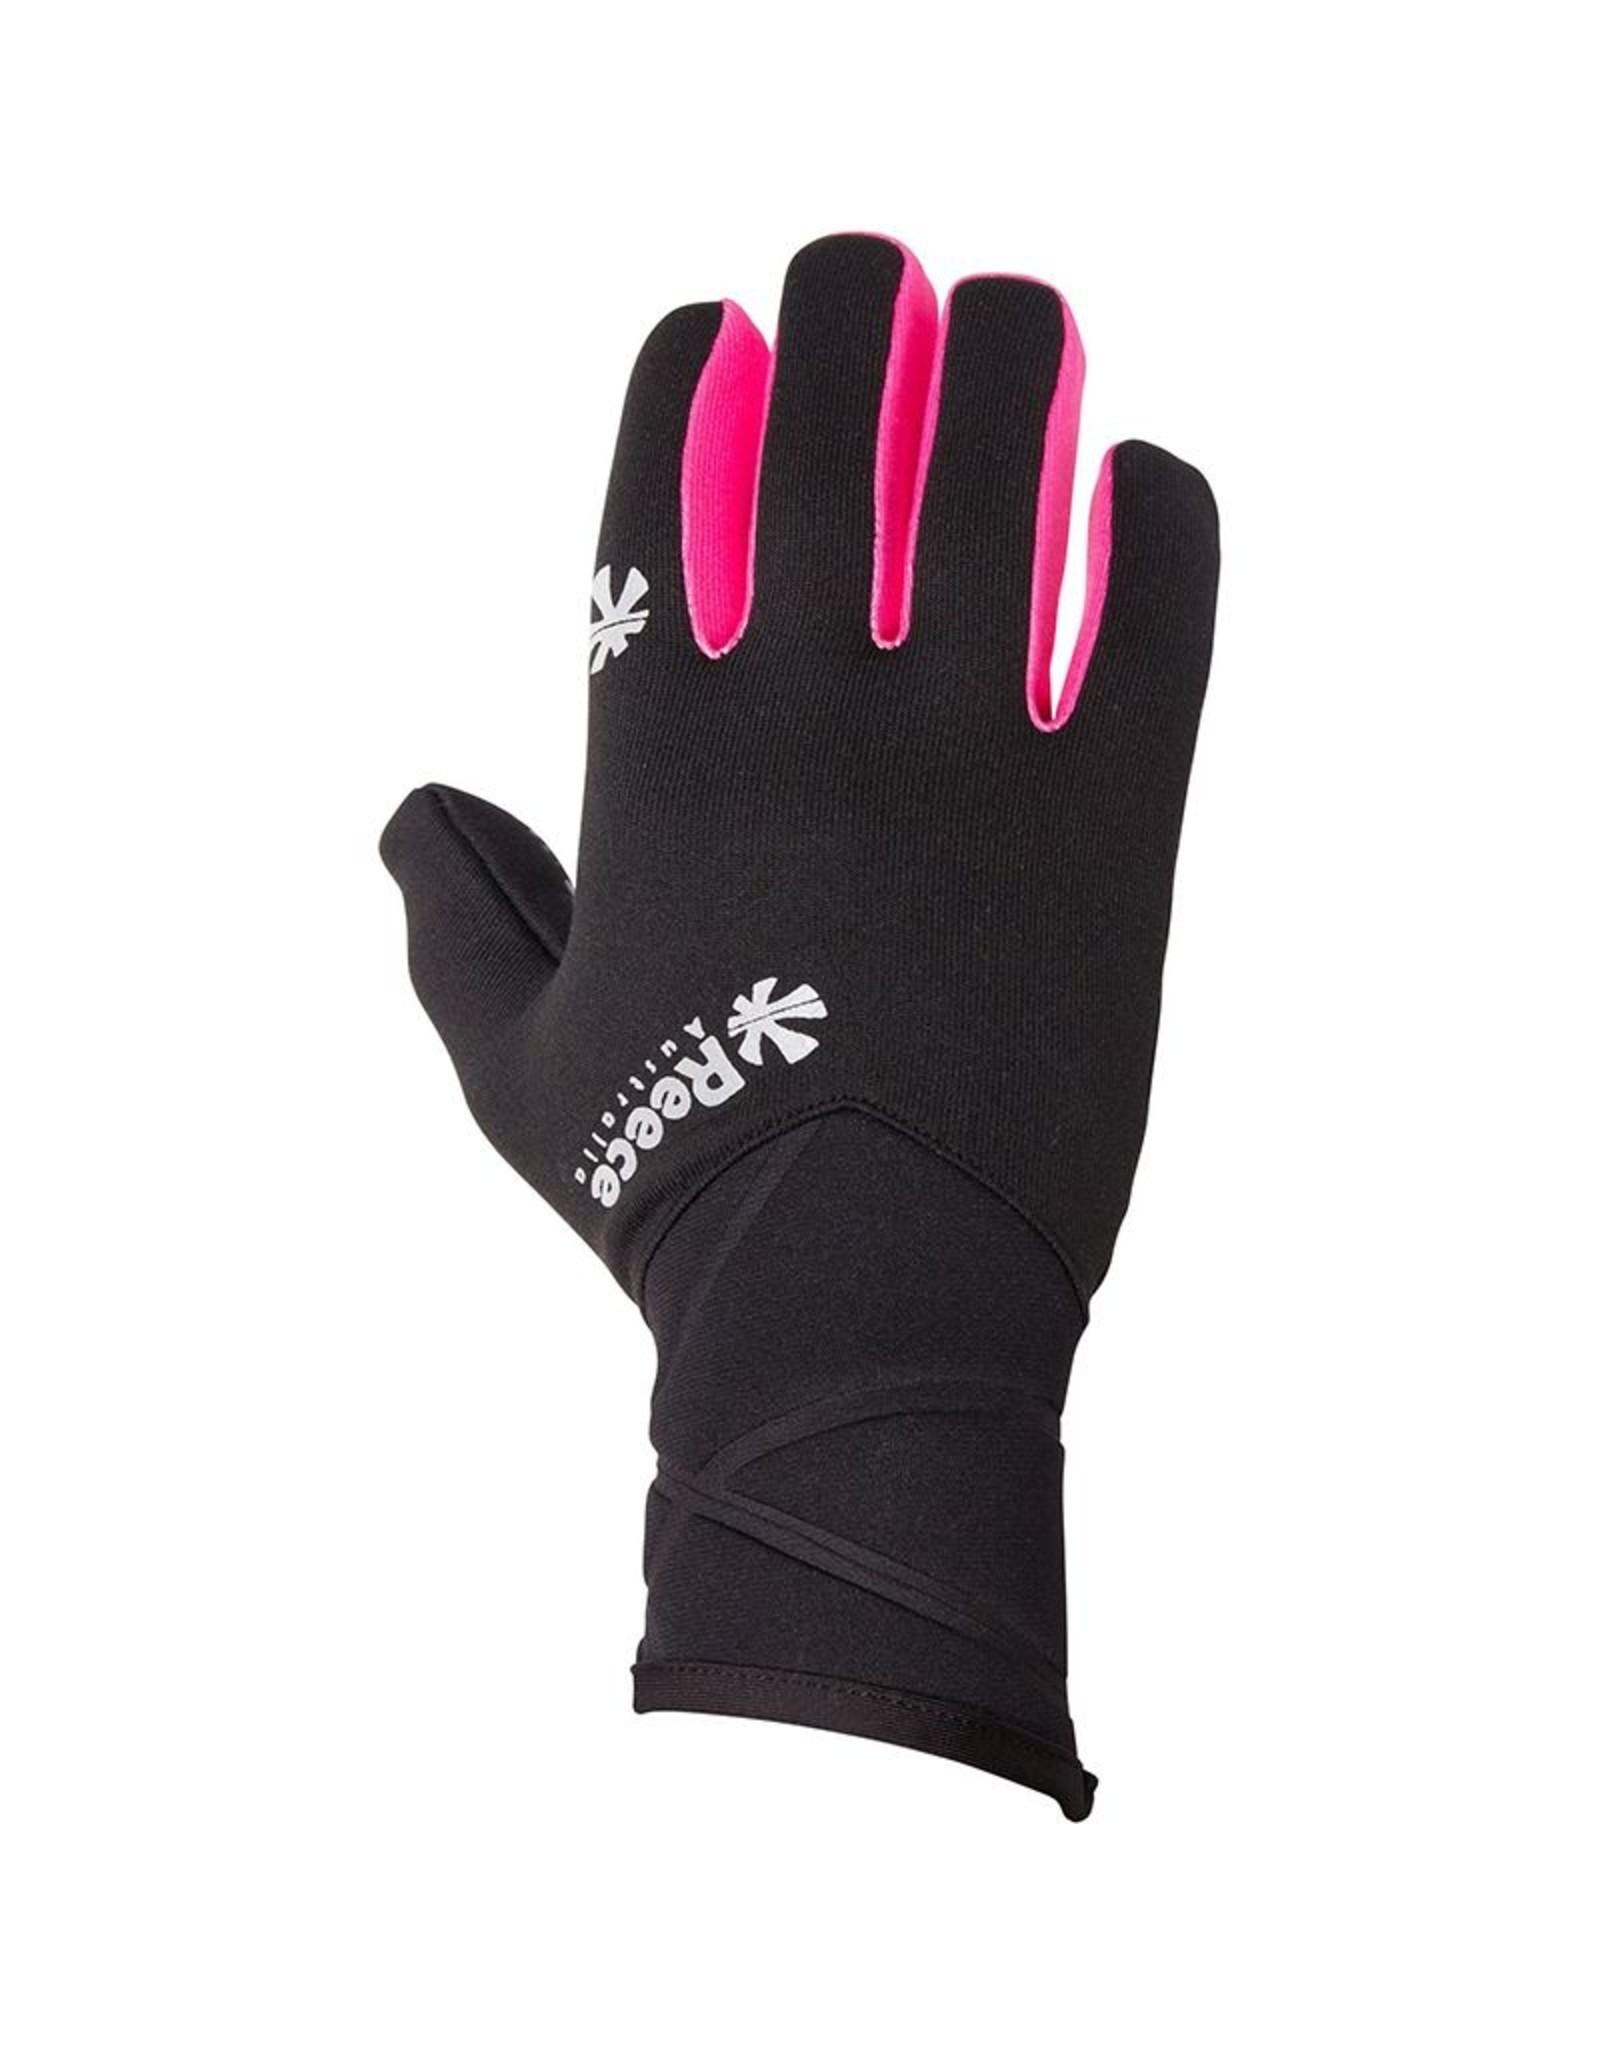 Reece Power Player Glove